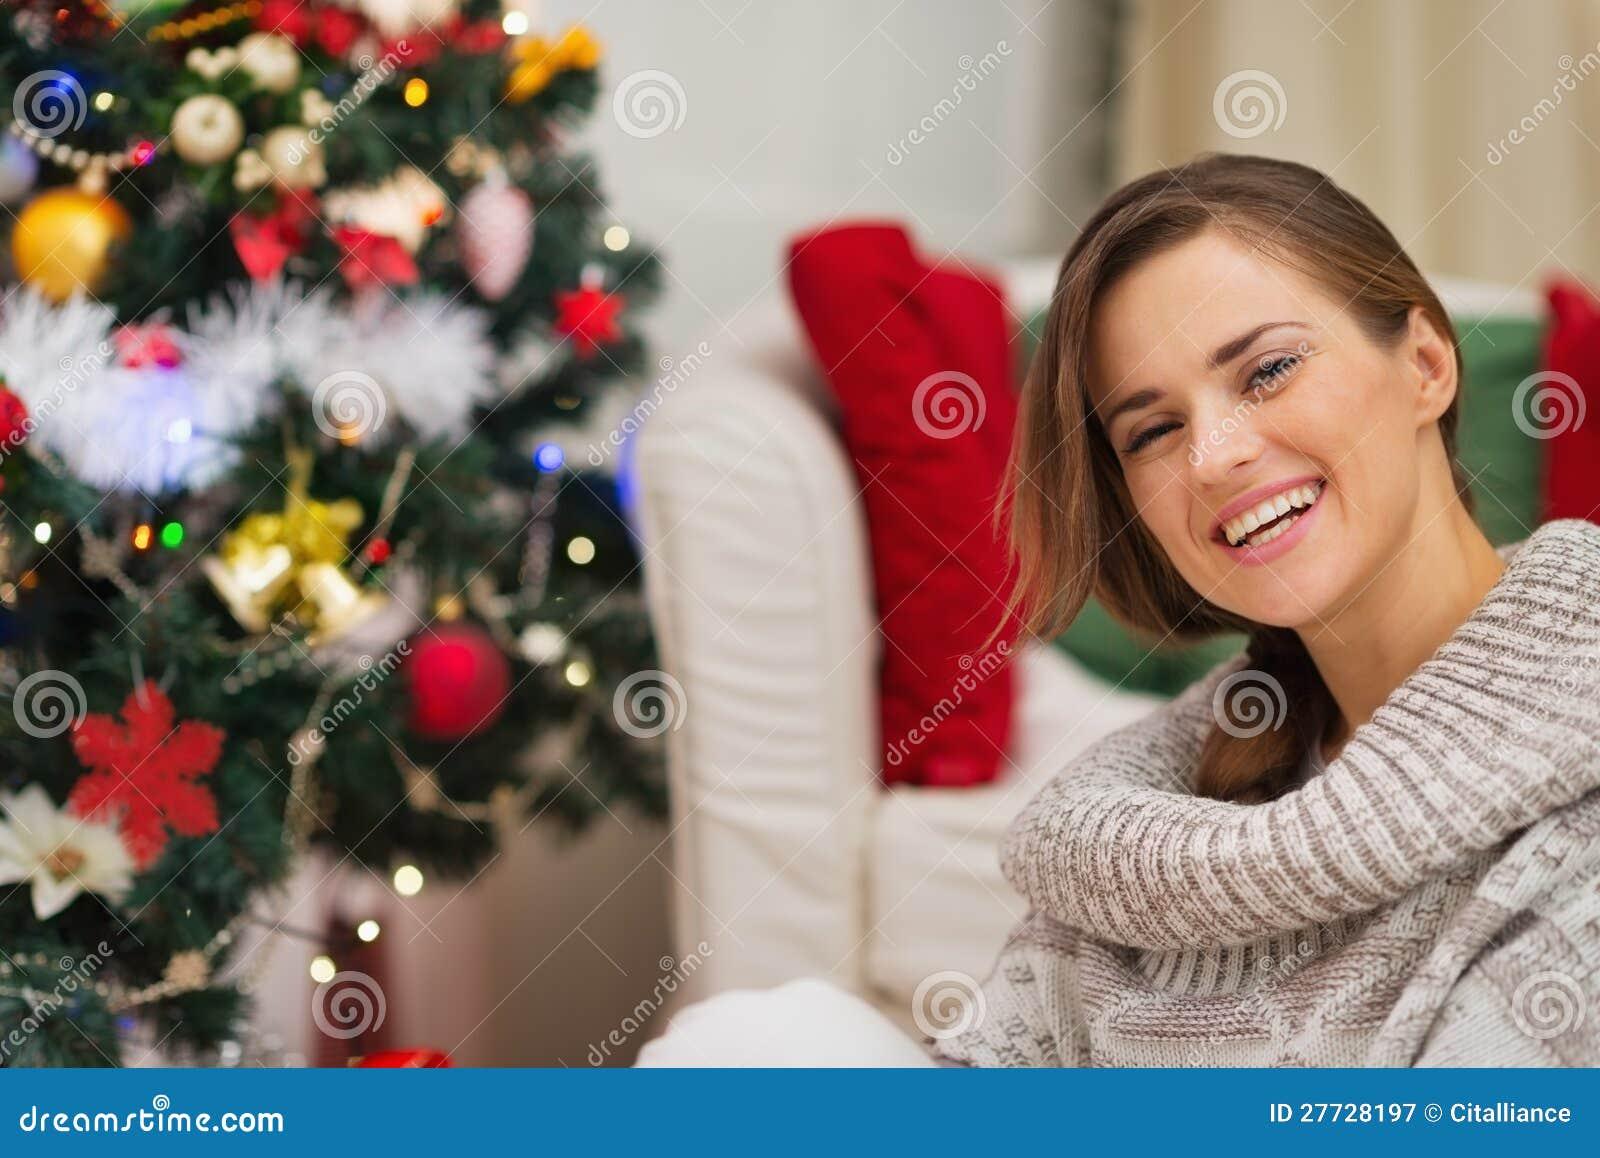 Portrait der glücklichen Frau nahe Weihnachtsbaum